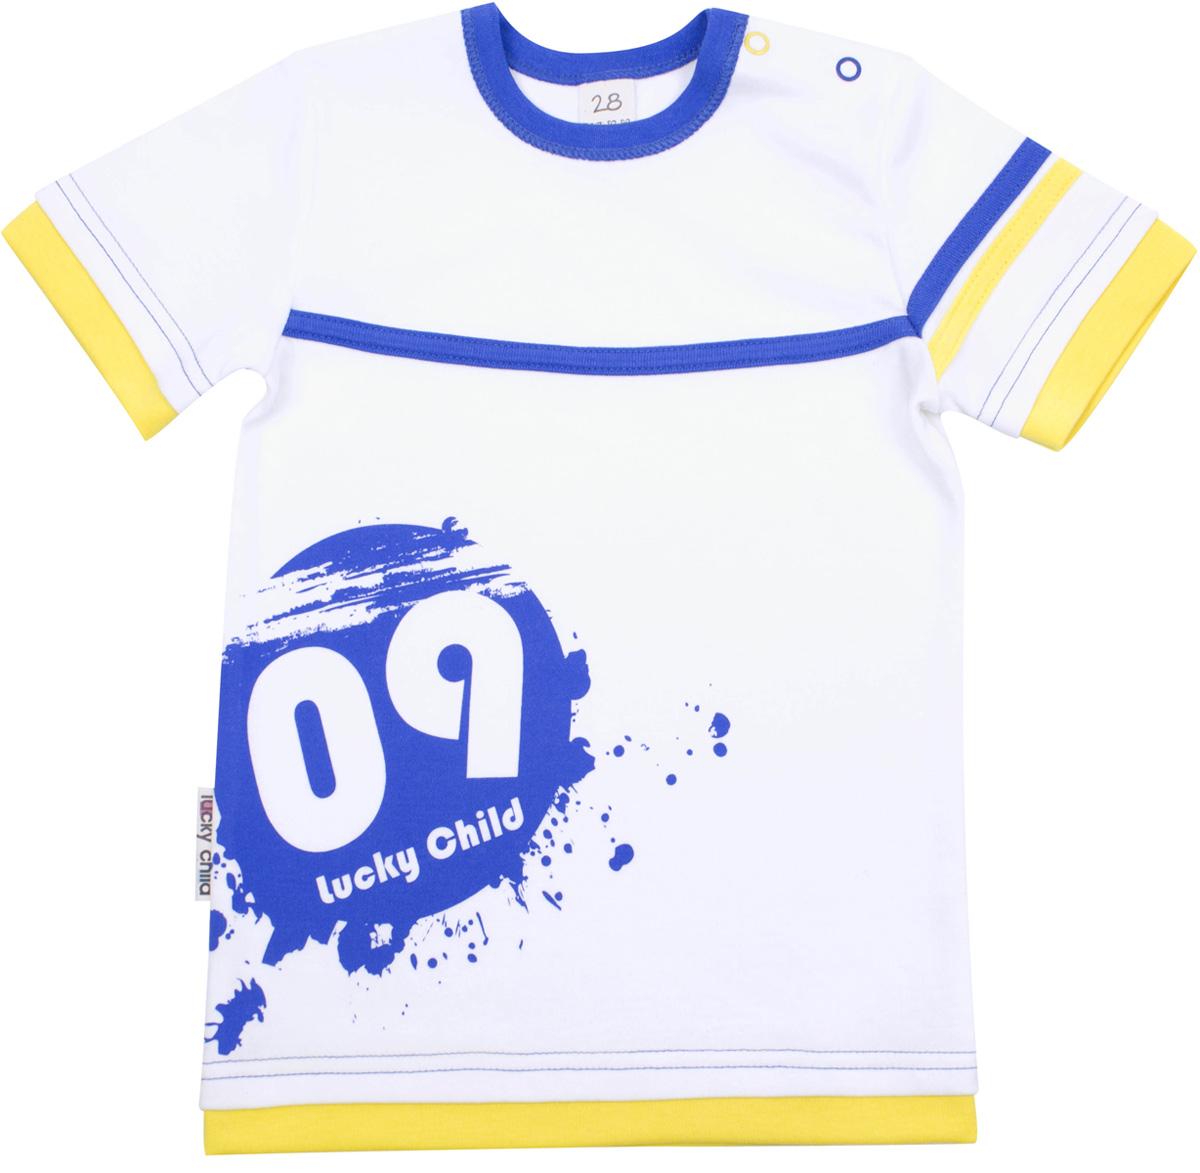 Футболка19-261Обычная на первый взгляд футболка, содержит в себе труд людей, мечтающих сделать жизнь вашего ребенка максимально счастливой и комфортной. В коллекции «Летний марафон» мы постарались воплотить все эти принципы.